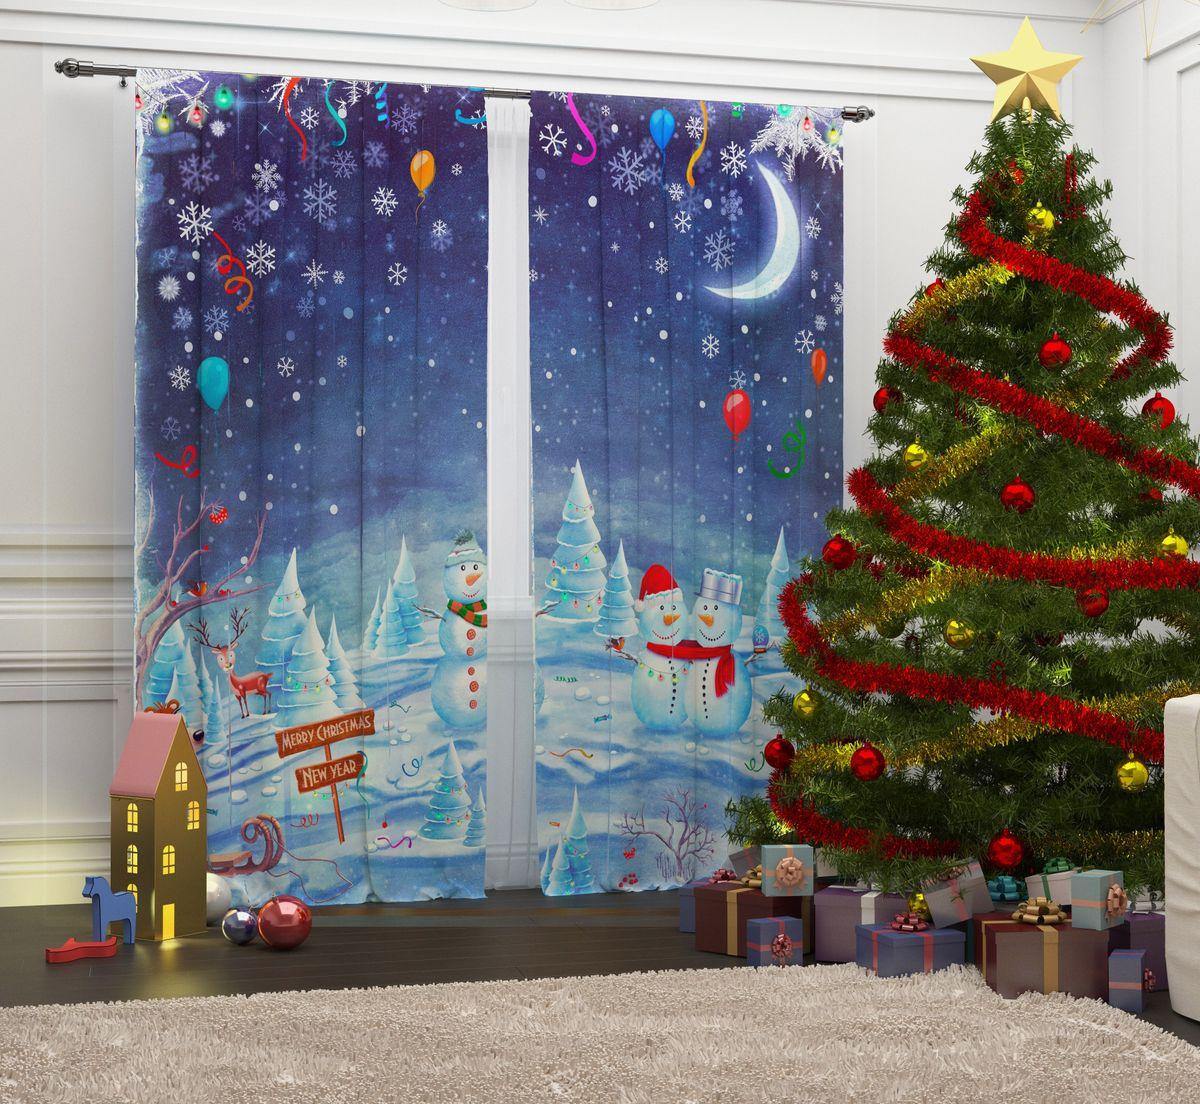 Фотошторы Сирень Встреча Рождества, на ленте, высота 260 см07291-ФШ-ГБ-001Перед новогодними праздниками каждая хозяйка или хозяин хотят украсить свой дом. Мы предлагаем оригинальное решение, украсить Ваше окно фотошторами с новогодней тематикой. Новогодние фотошторы Сирень станут отличным подарком на Новый год. Подарите радость праздника себе или Вашим близким и друзьям! Текстиль бренда «Сирень» - качество в каждом сантиметре ткани! Крепление на карниз при помощи шторной ленты на крючки. В комплекте: Портьера: 2 шт. Размер (ШхВ): 145 см х 260 см. Рекомендации по уходу: стирка при 30 градусах гладить при температуре до 150 градусов Изображение на мониторе может немного отличаться от реального.